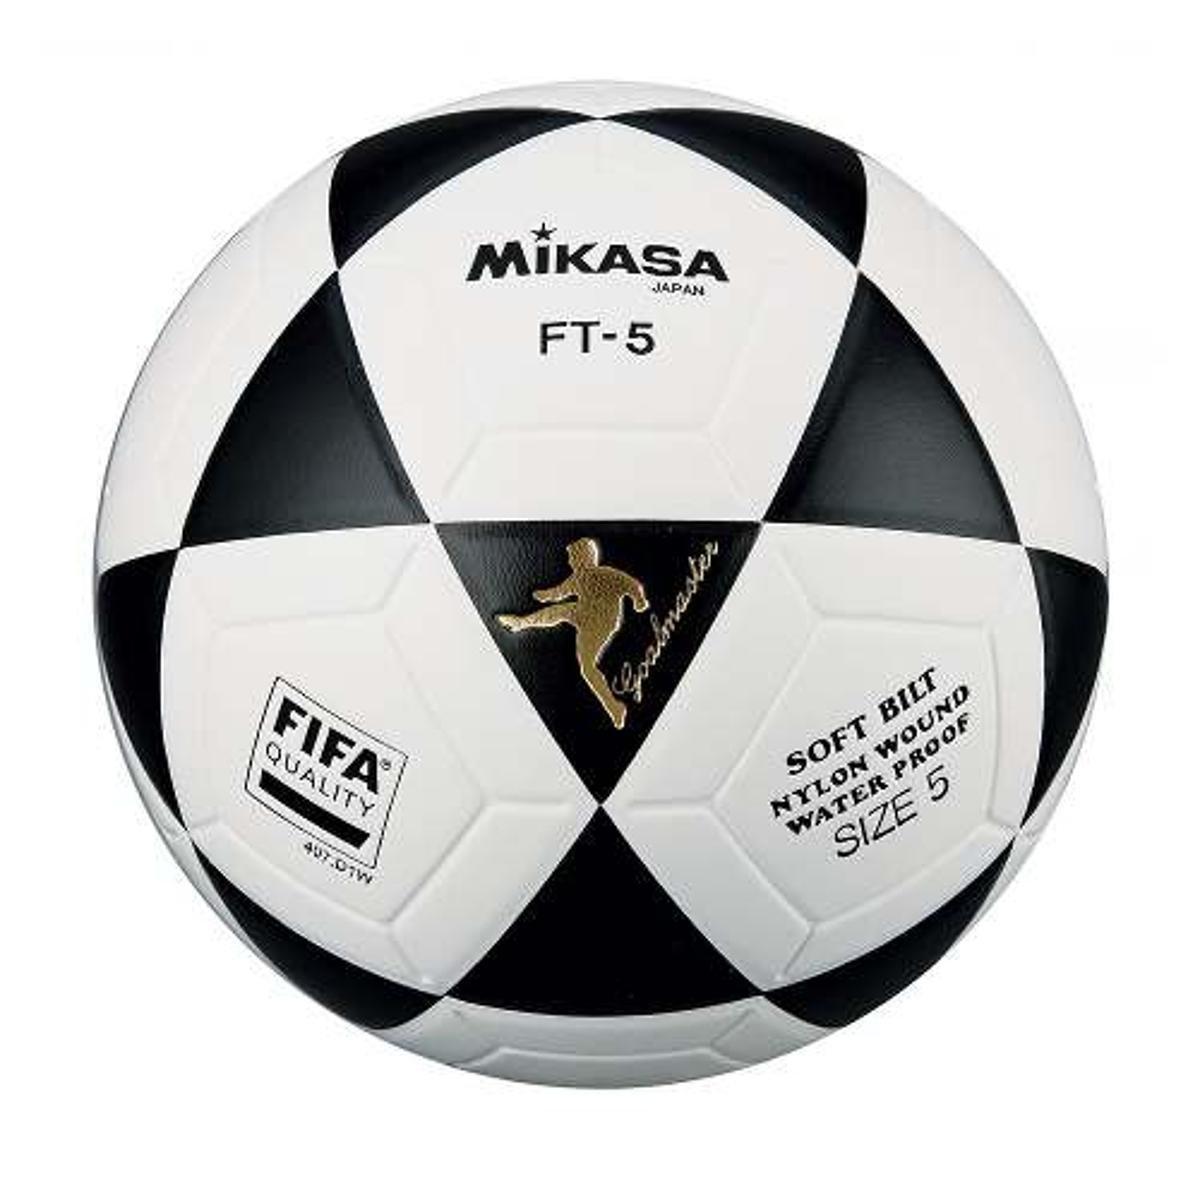 1ca52080f Bola Oficial de Futevôlei FT-5 Padrão FIFA Mikasa - Branco e Preto ...